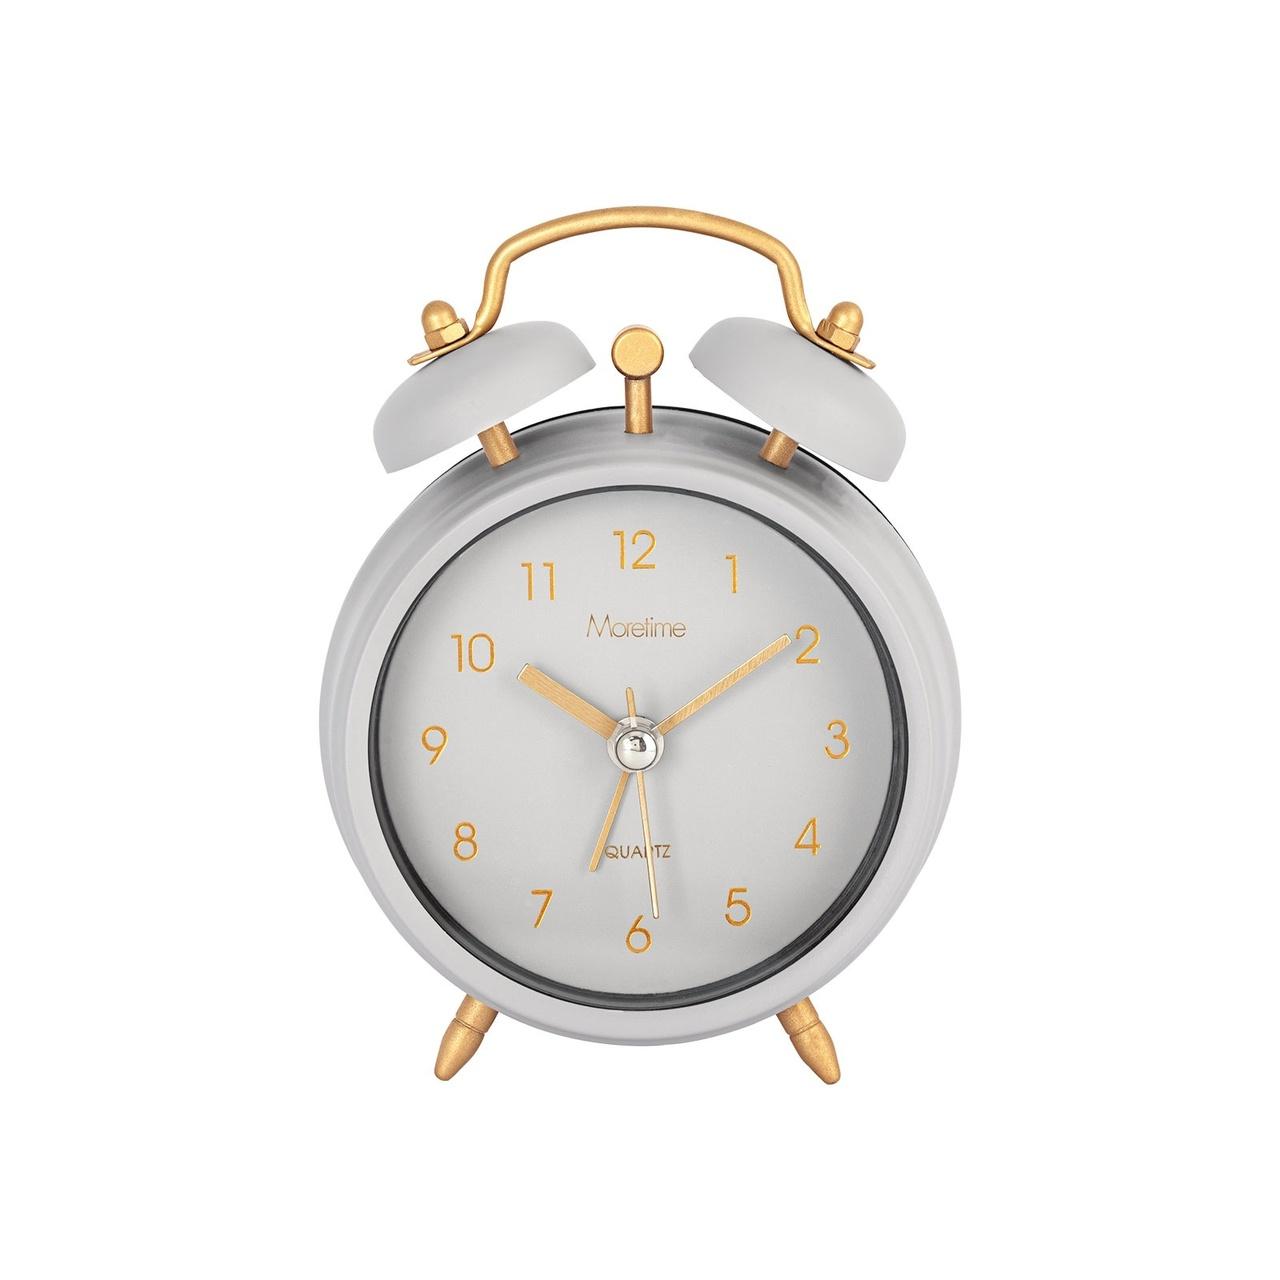 Shoppa Moretime Väckarklocka Ljusgrå på uropenn.se!